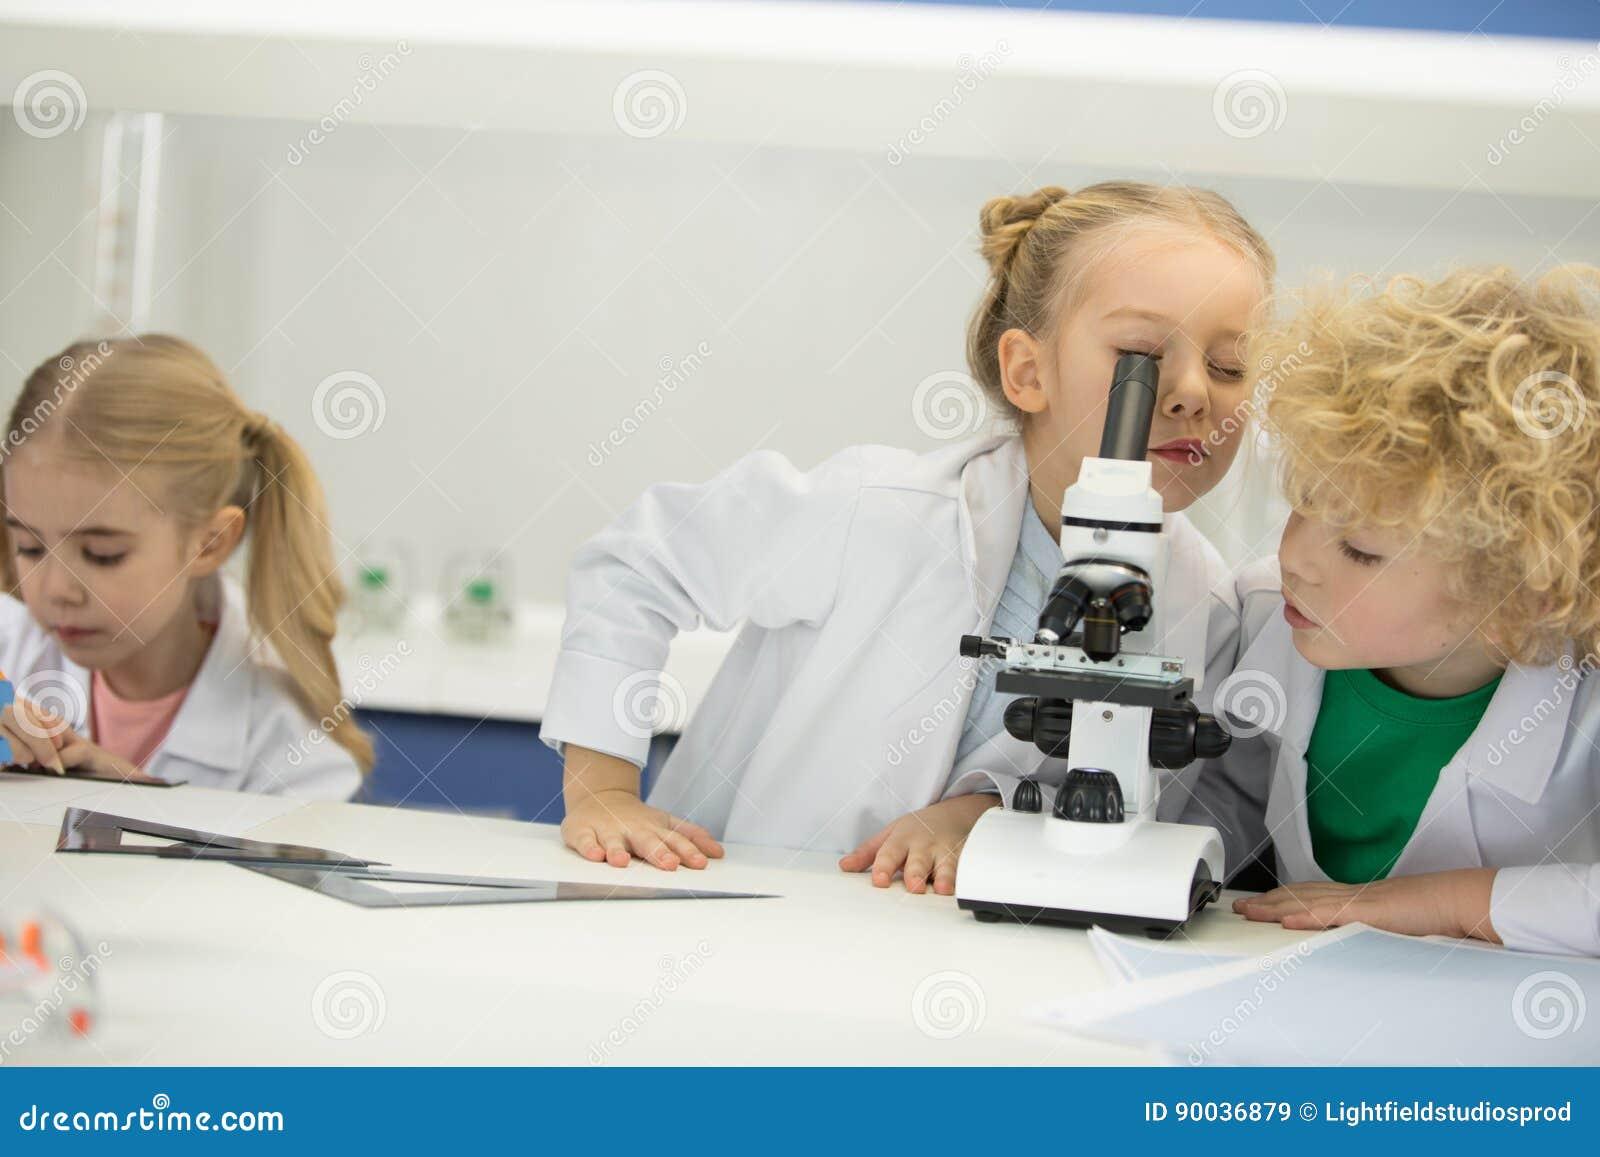 Kinder die durch mikroskop in der wissenschaftsklasse schauen